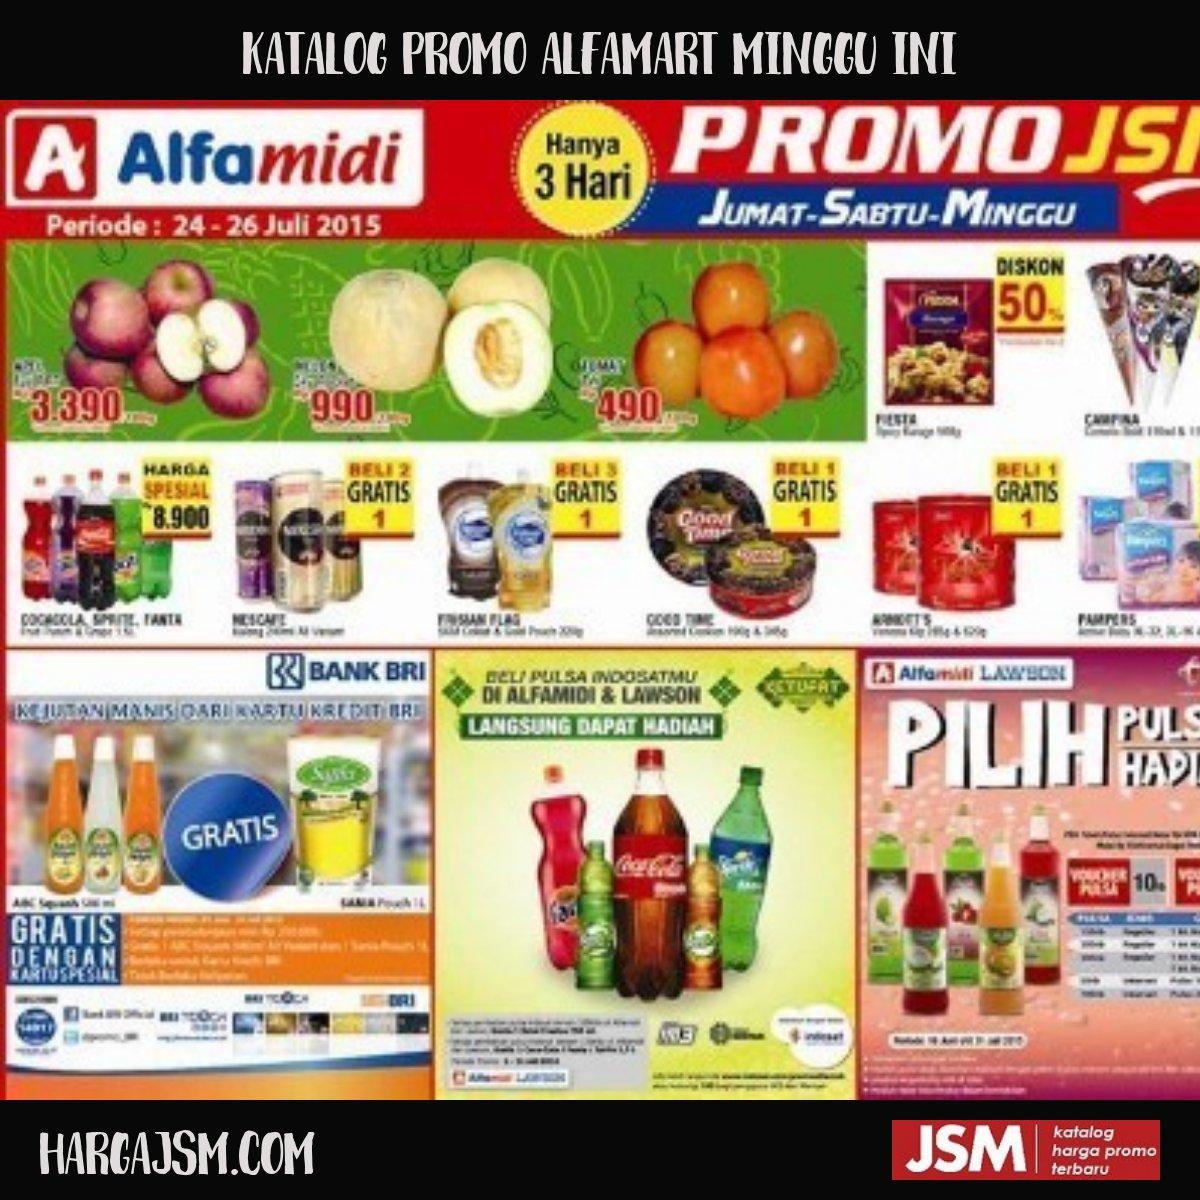 Katalog Promo Indomaret Jsm Minggu Ini